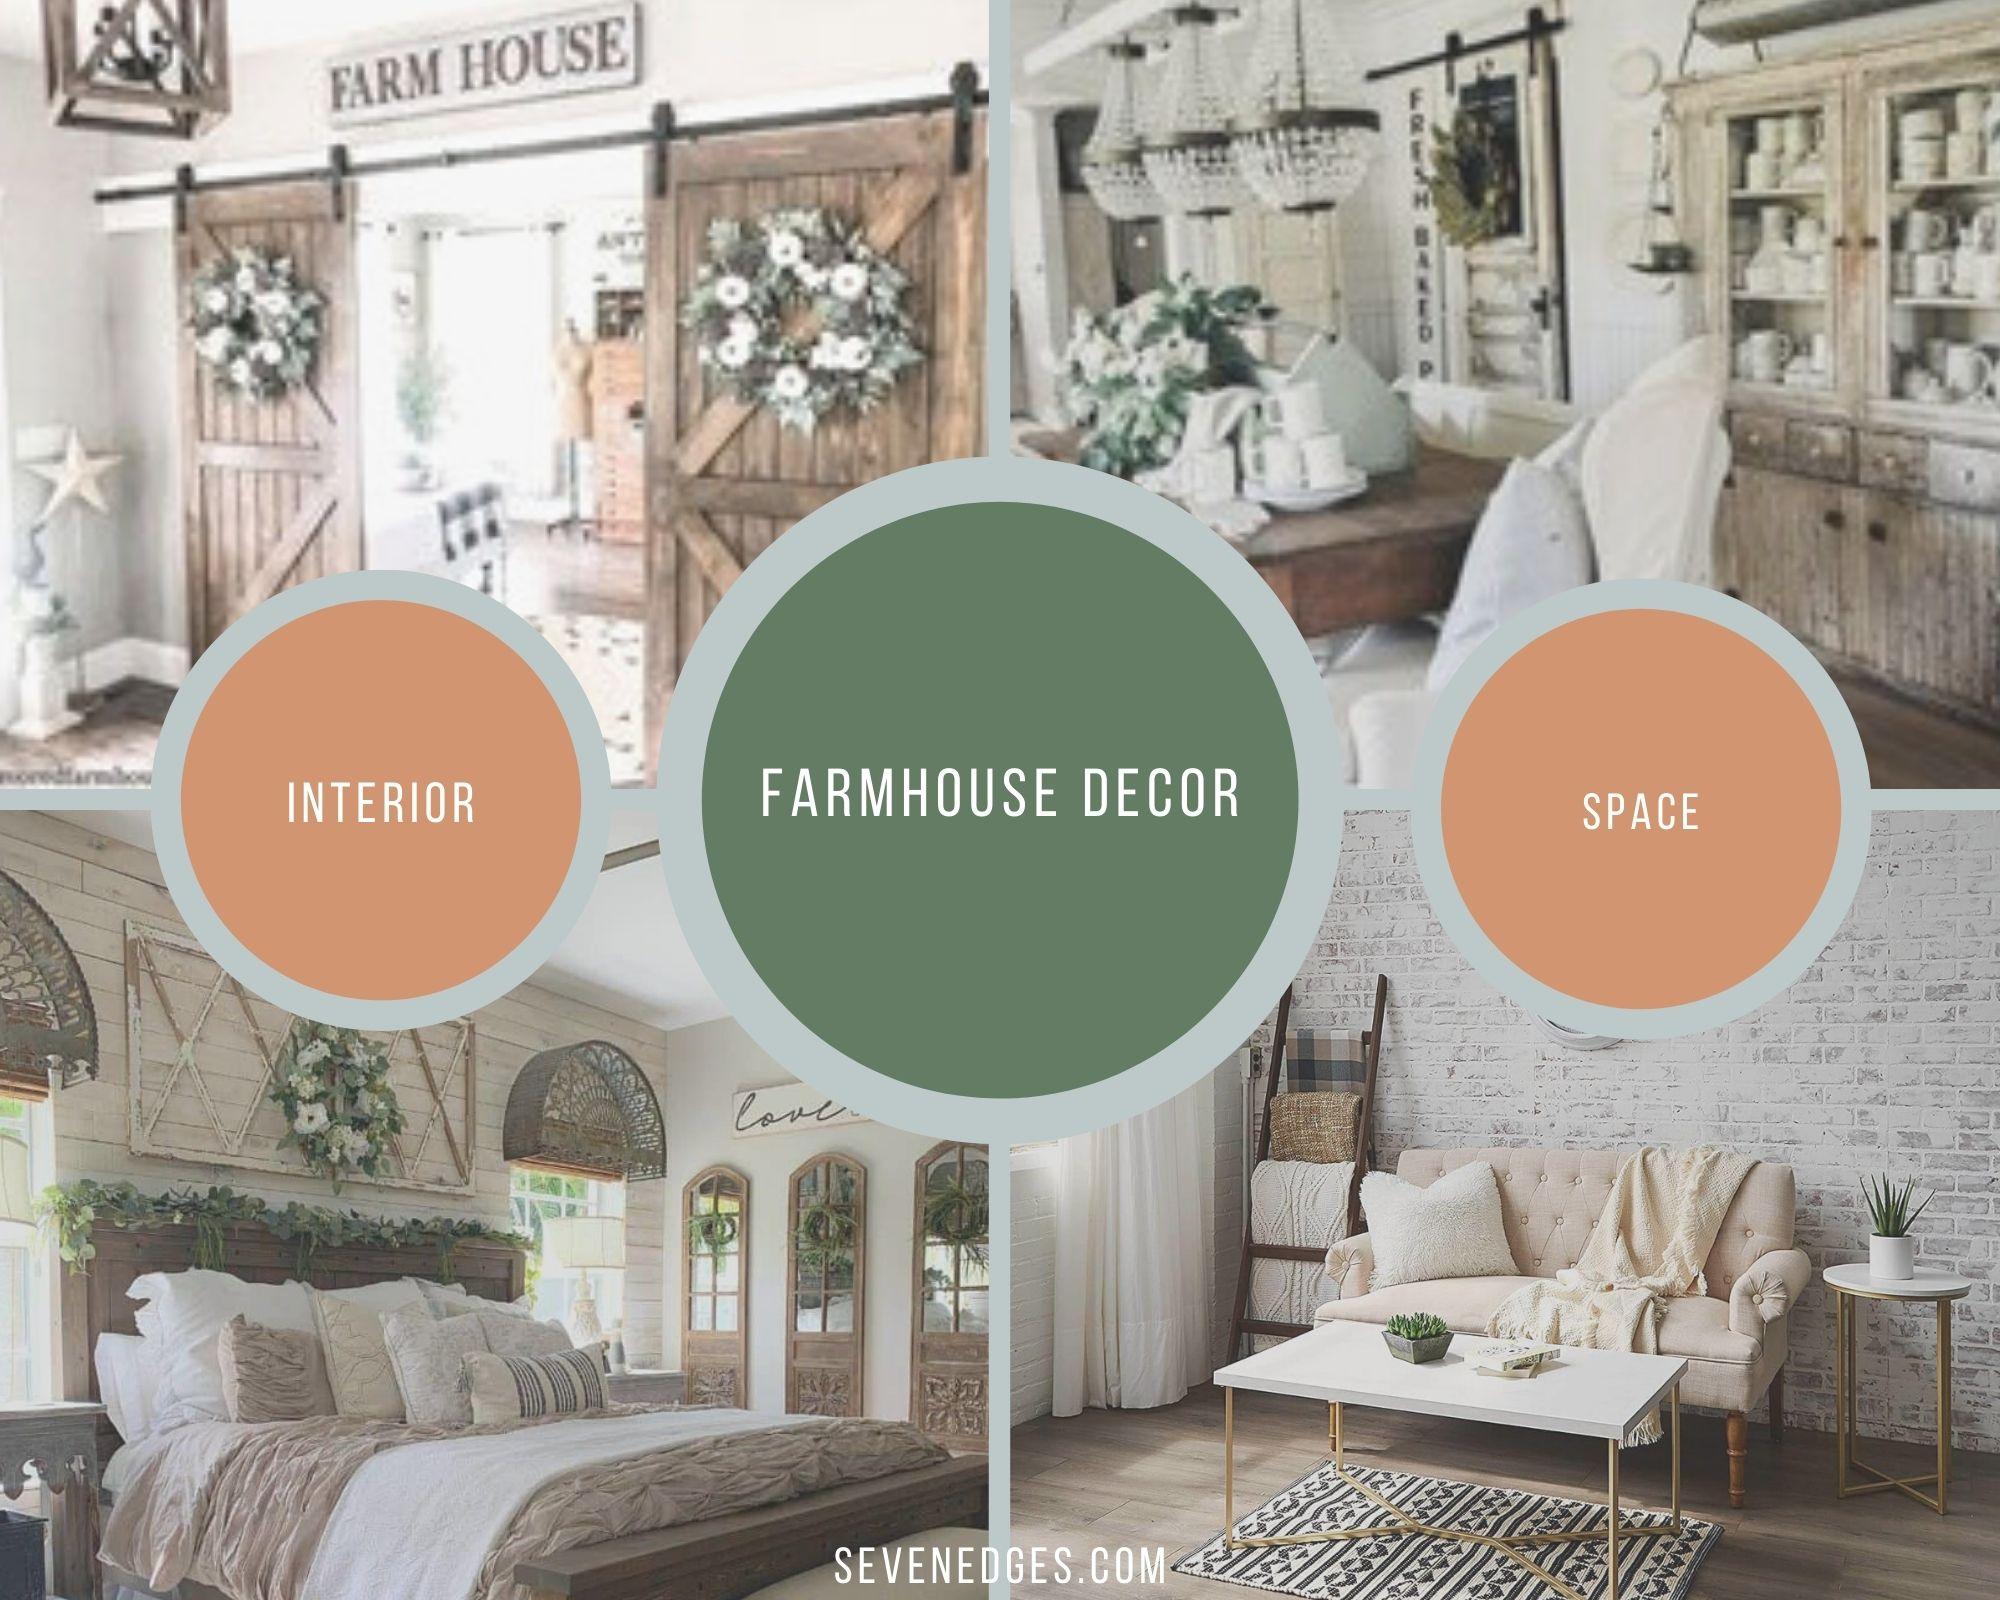 Farmhouse Décor